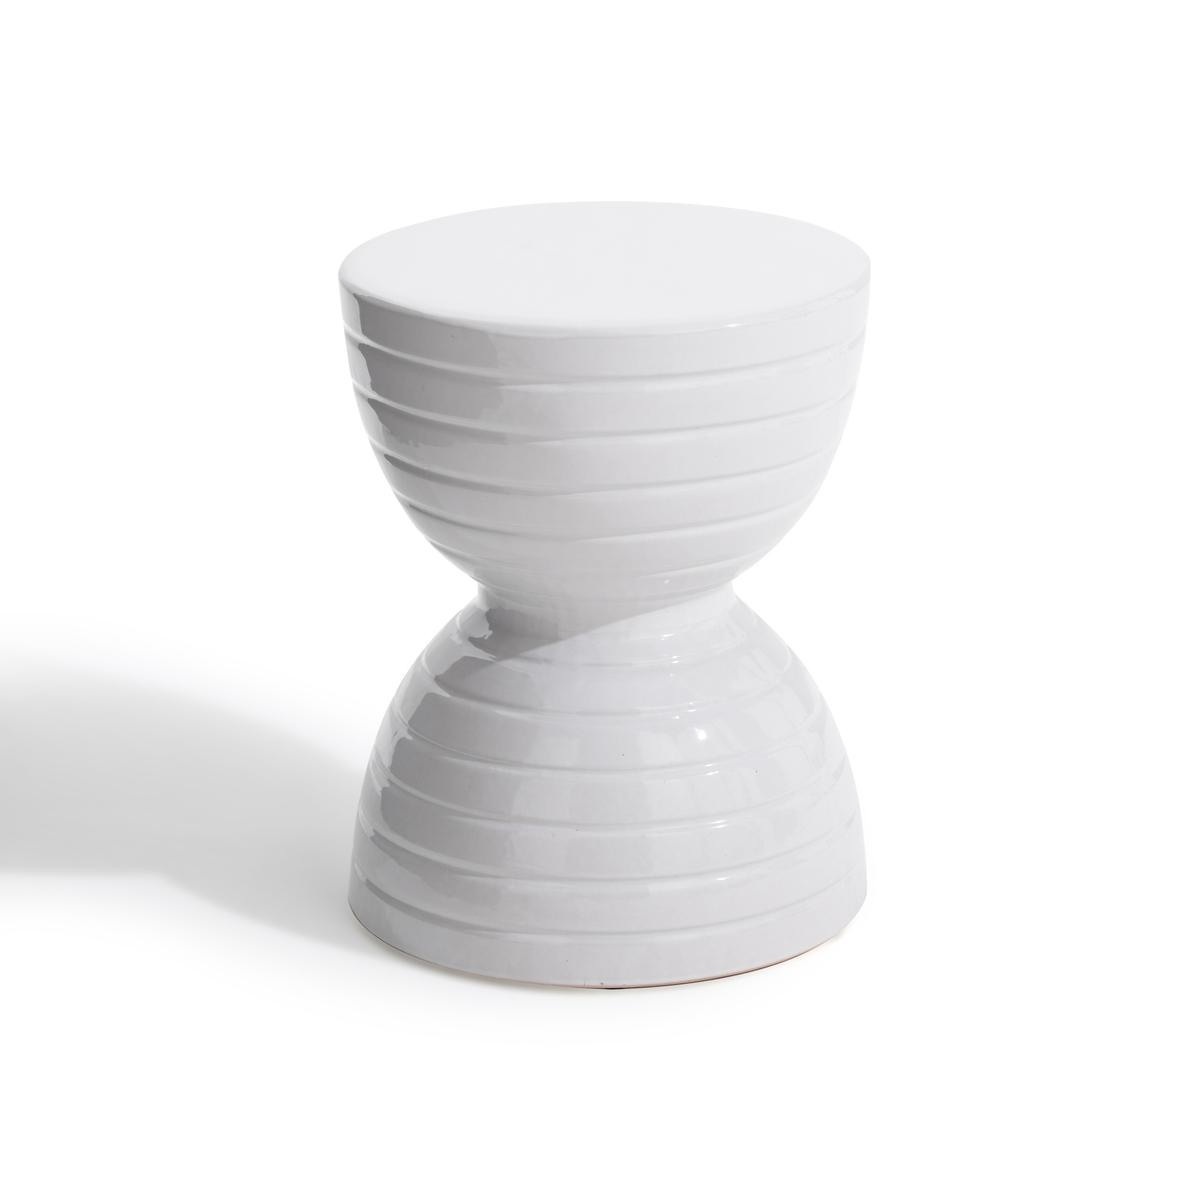 Столик La Redoute Керамический журнальный Spool единый размер белый